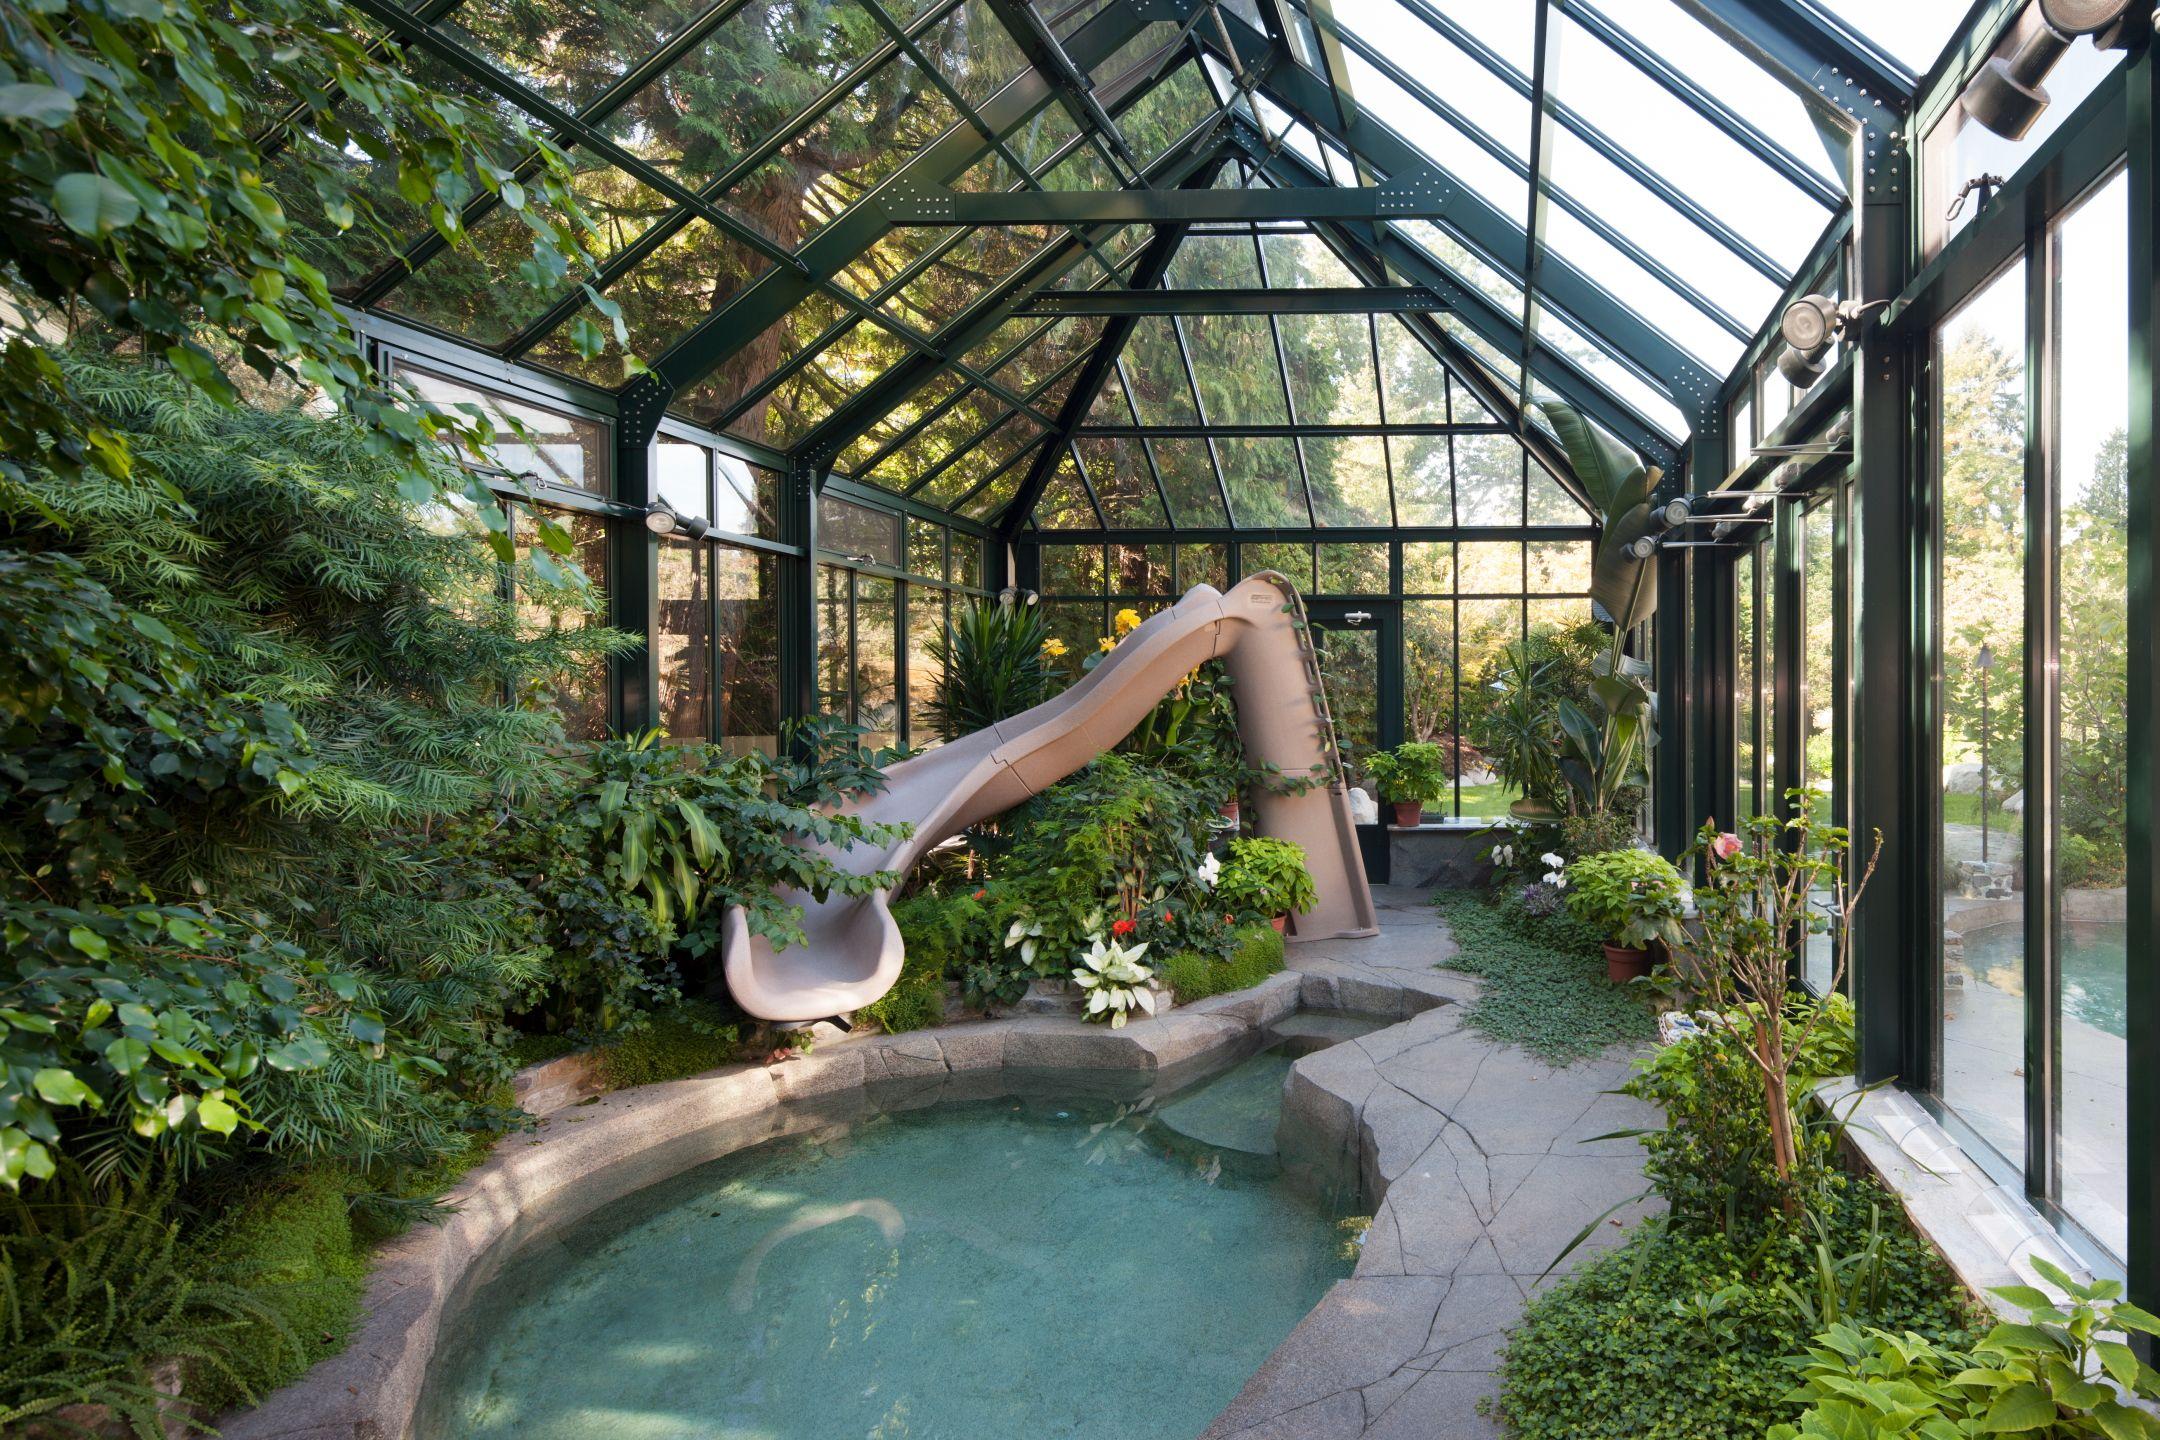 это альтер-эго бассейн с зимним садом фото даже без